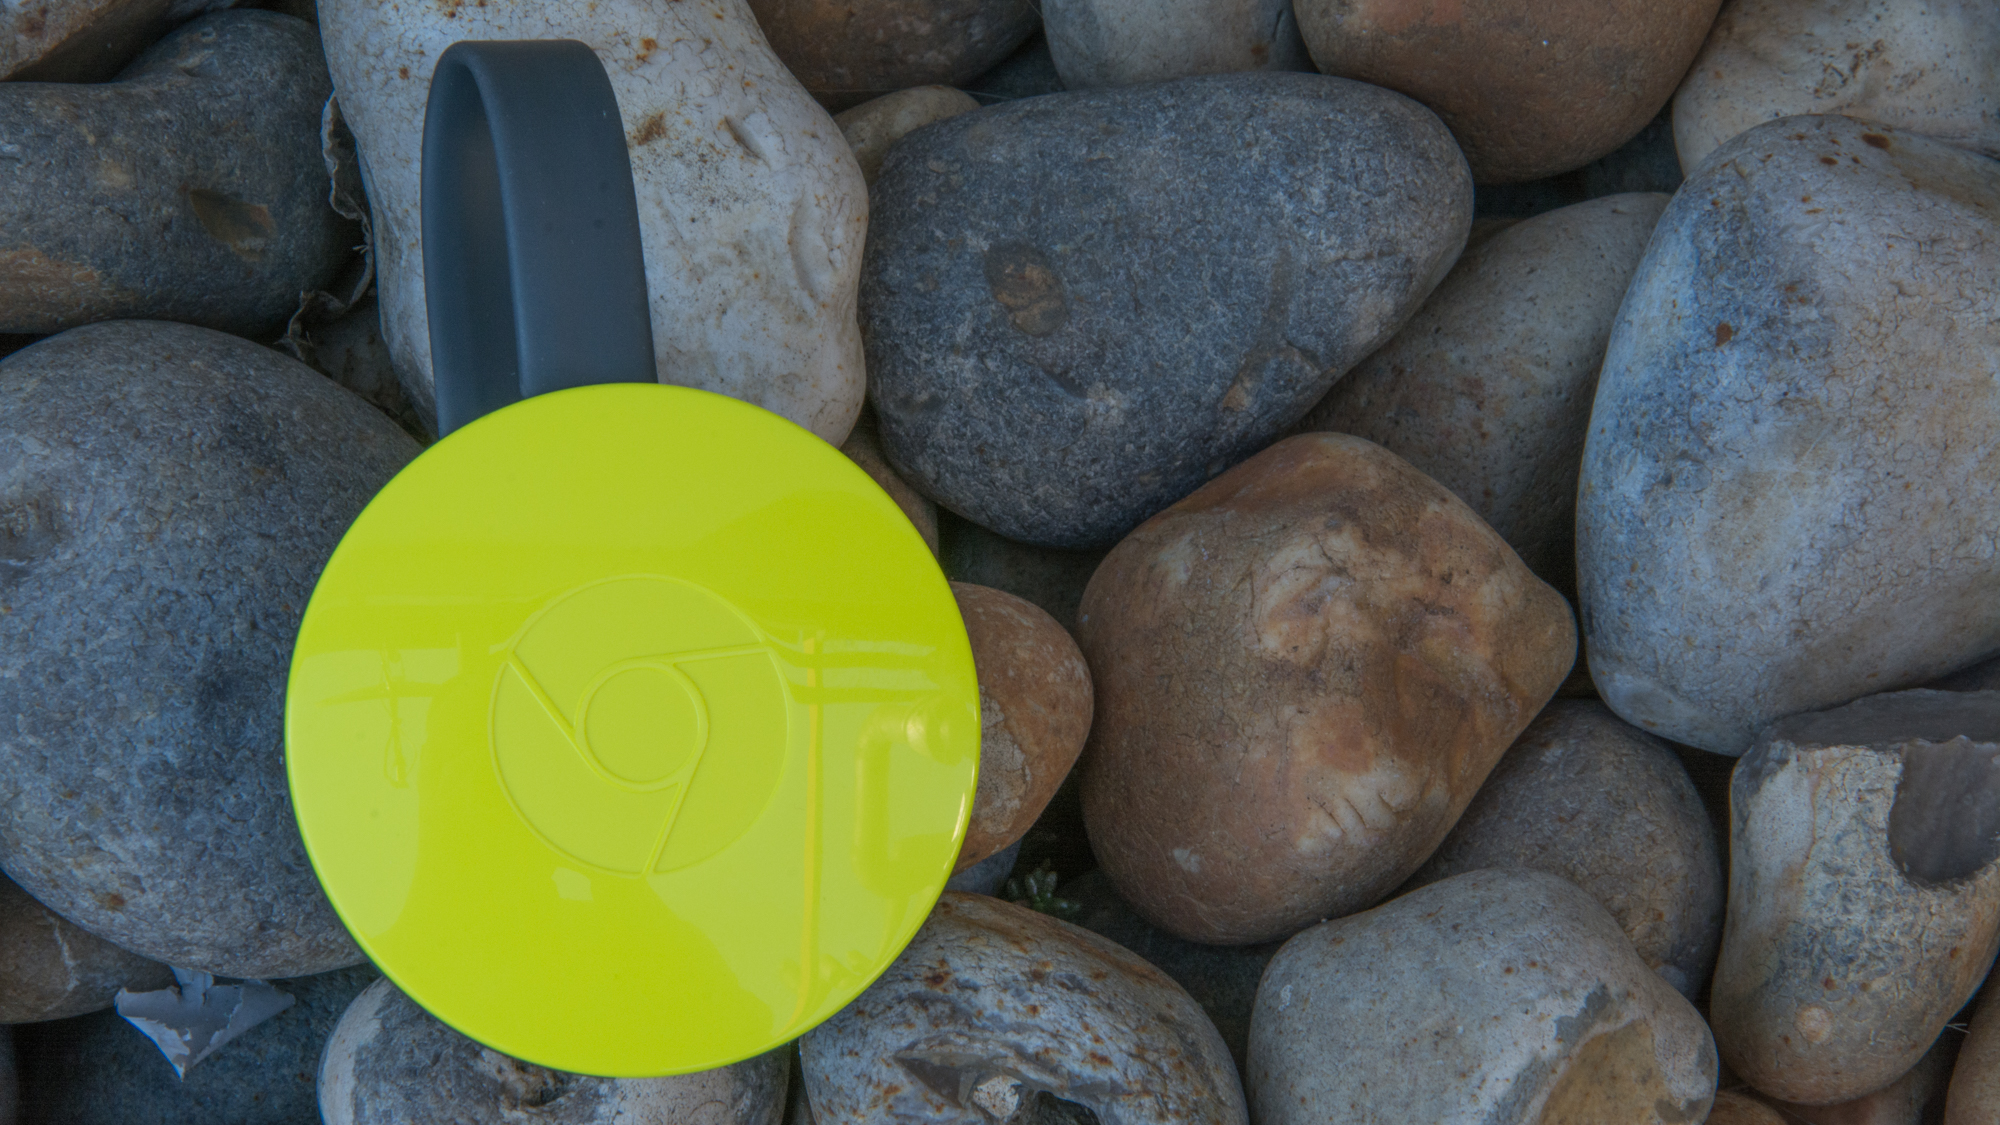 Google Chromecast 2 review lemonade colour